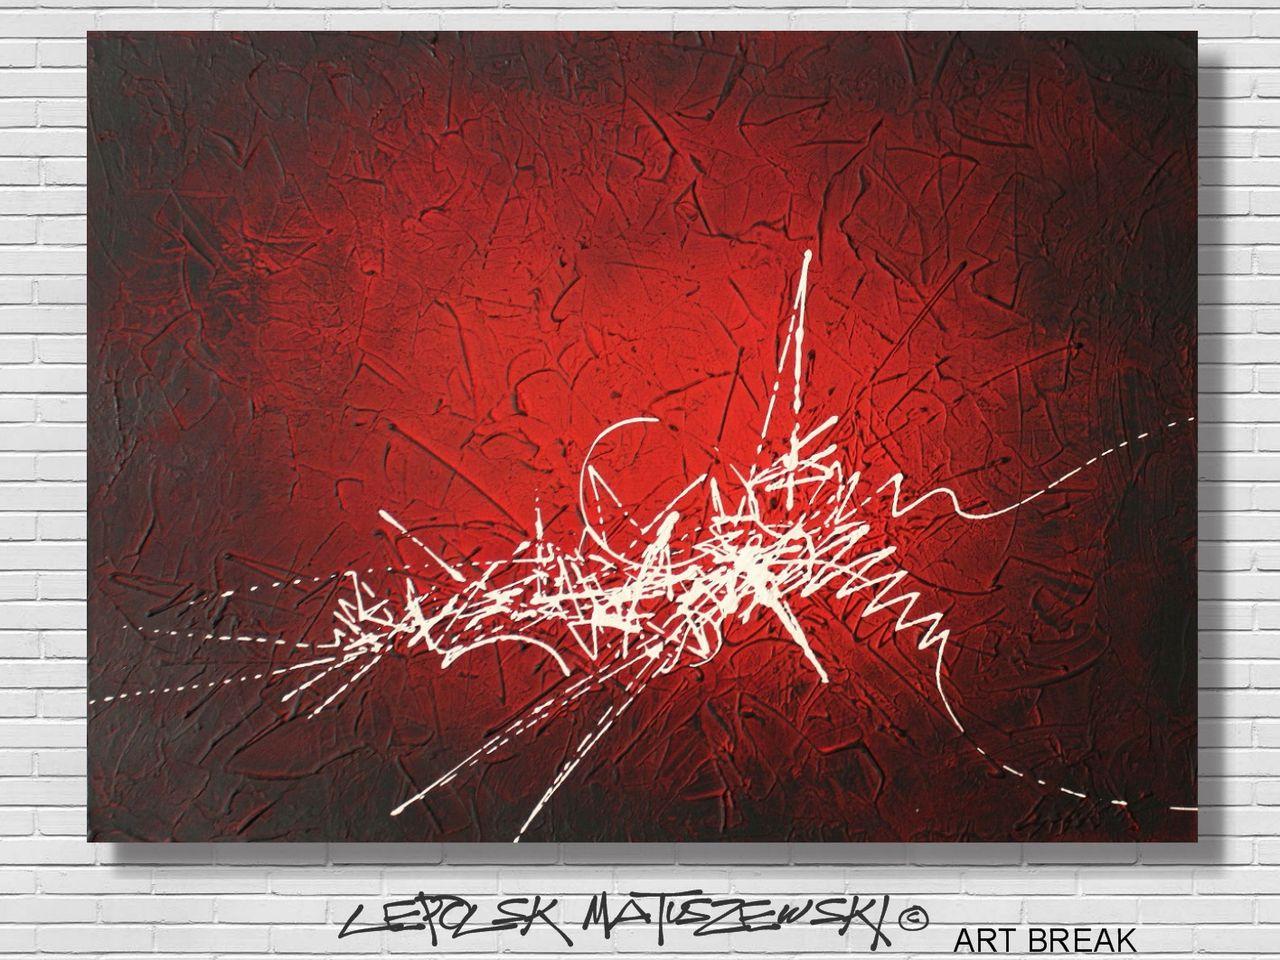 MISTER K  (Lepolsk Matuszewski) ART BREAK by Lepolsk abstract art expressionnism  2016